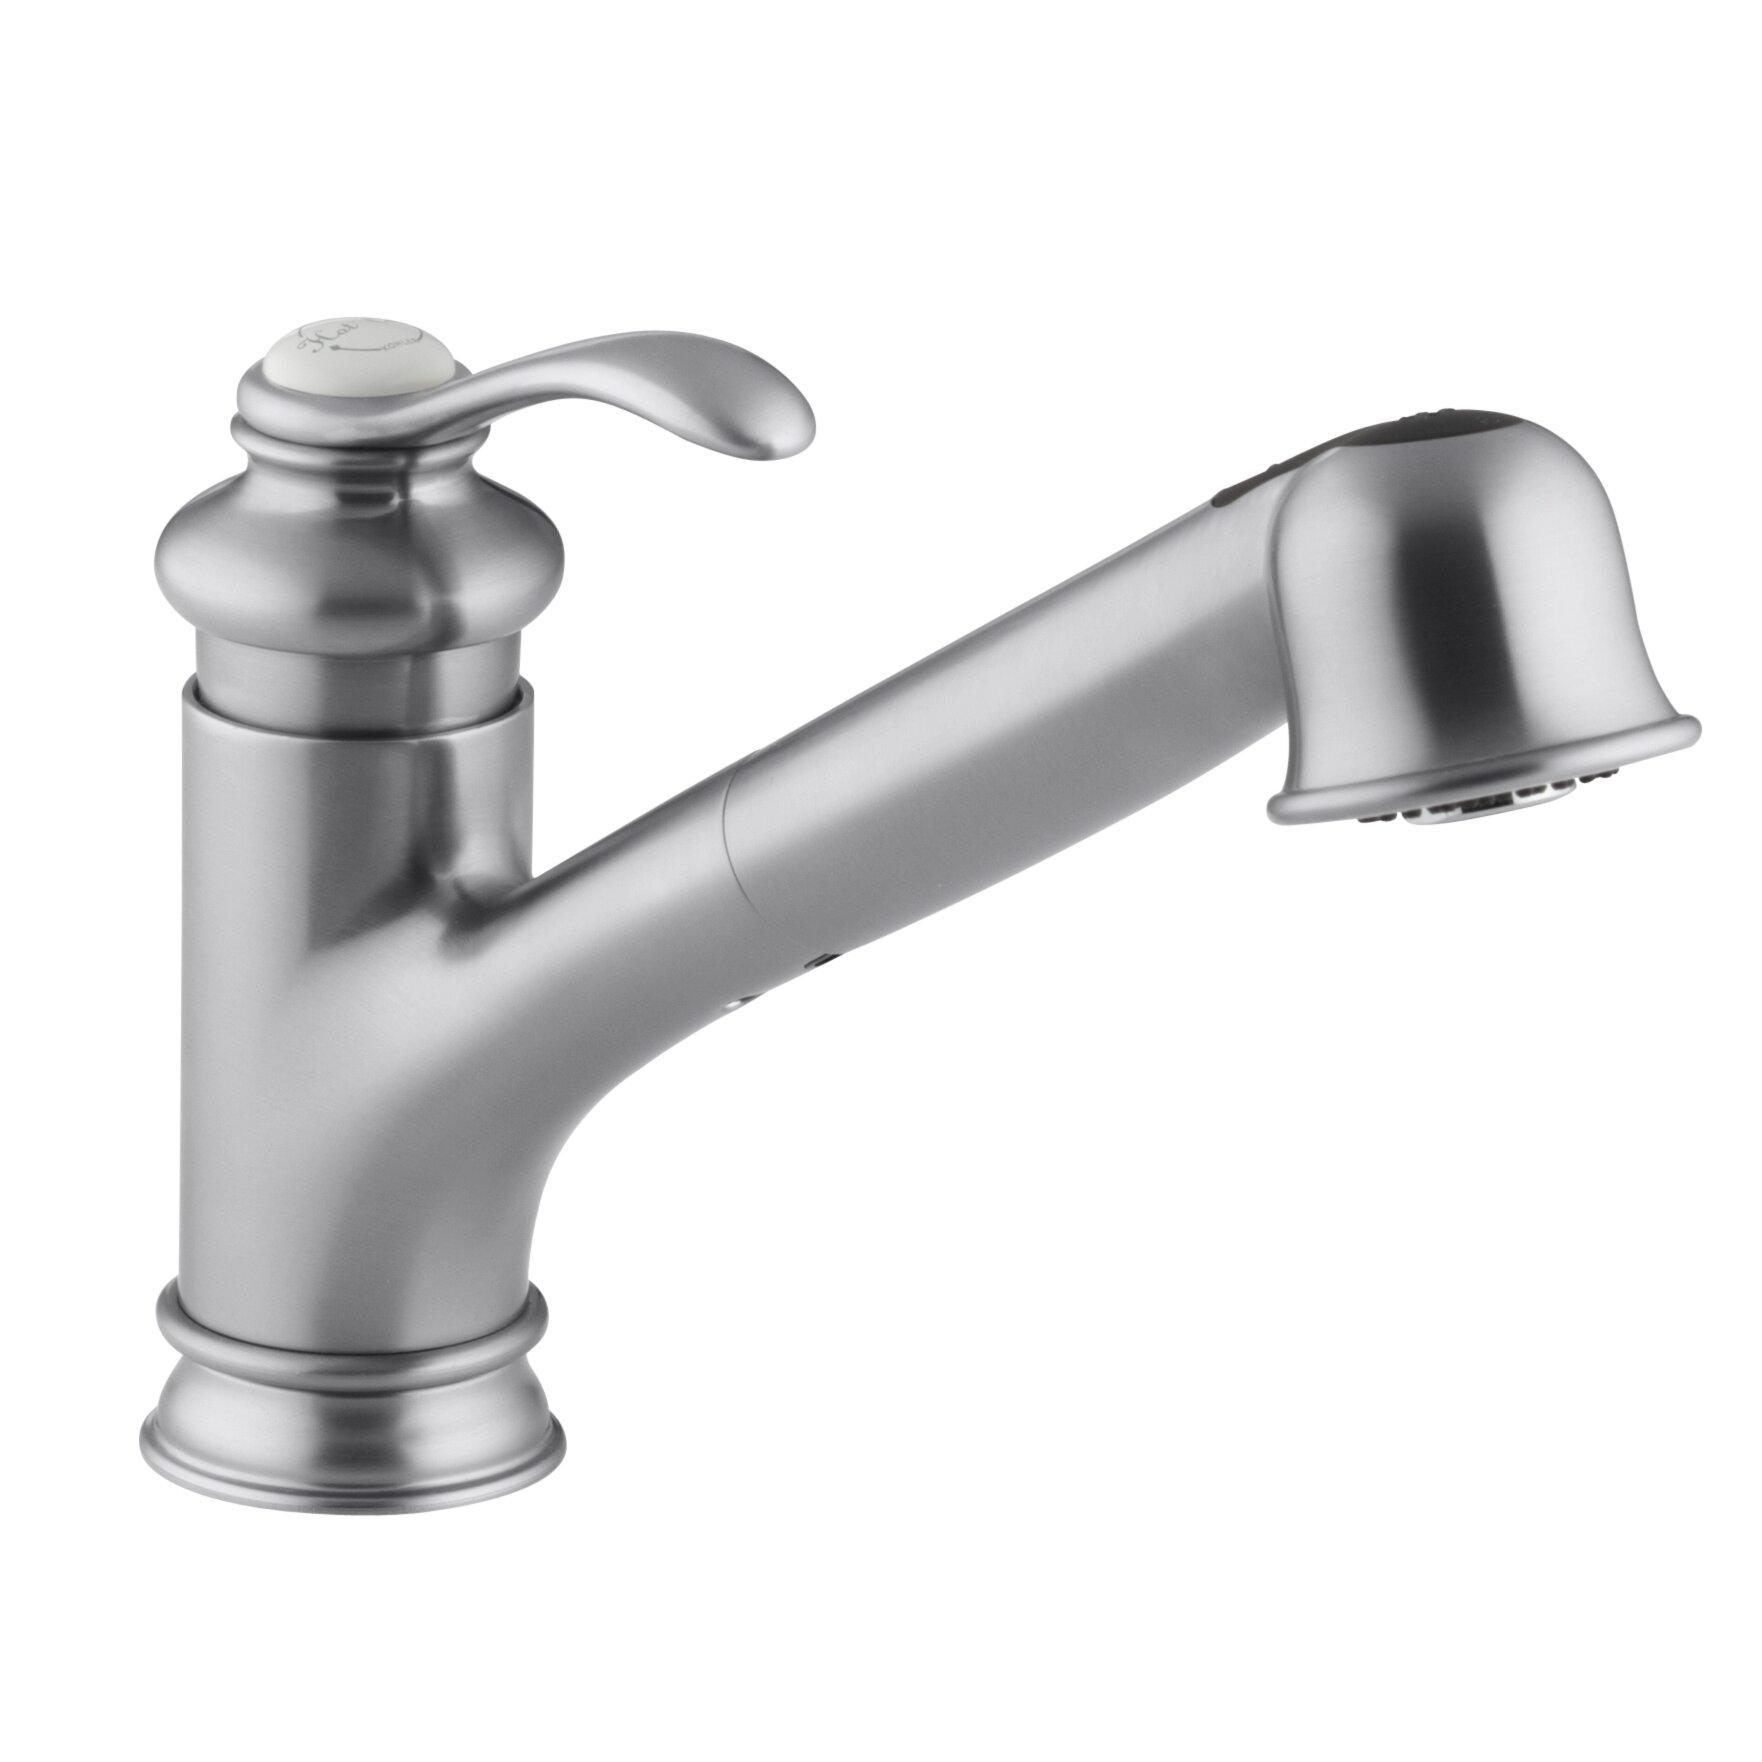 Kohler Fairfax Faucet Parts Kitchen Faucet Kitchen Faucet: Kohler Fairfax Single-Hole Or Three-Hole Kitchen Sink